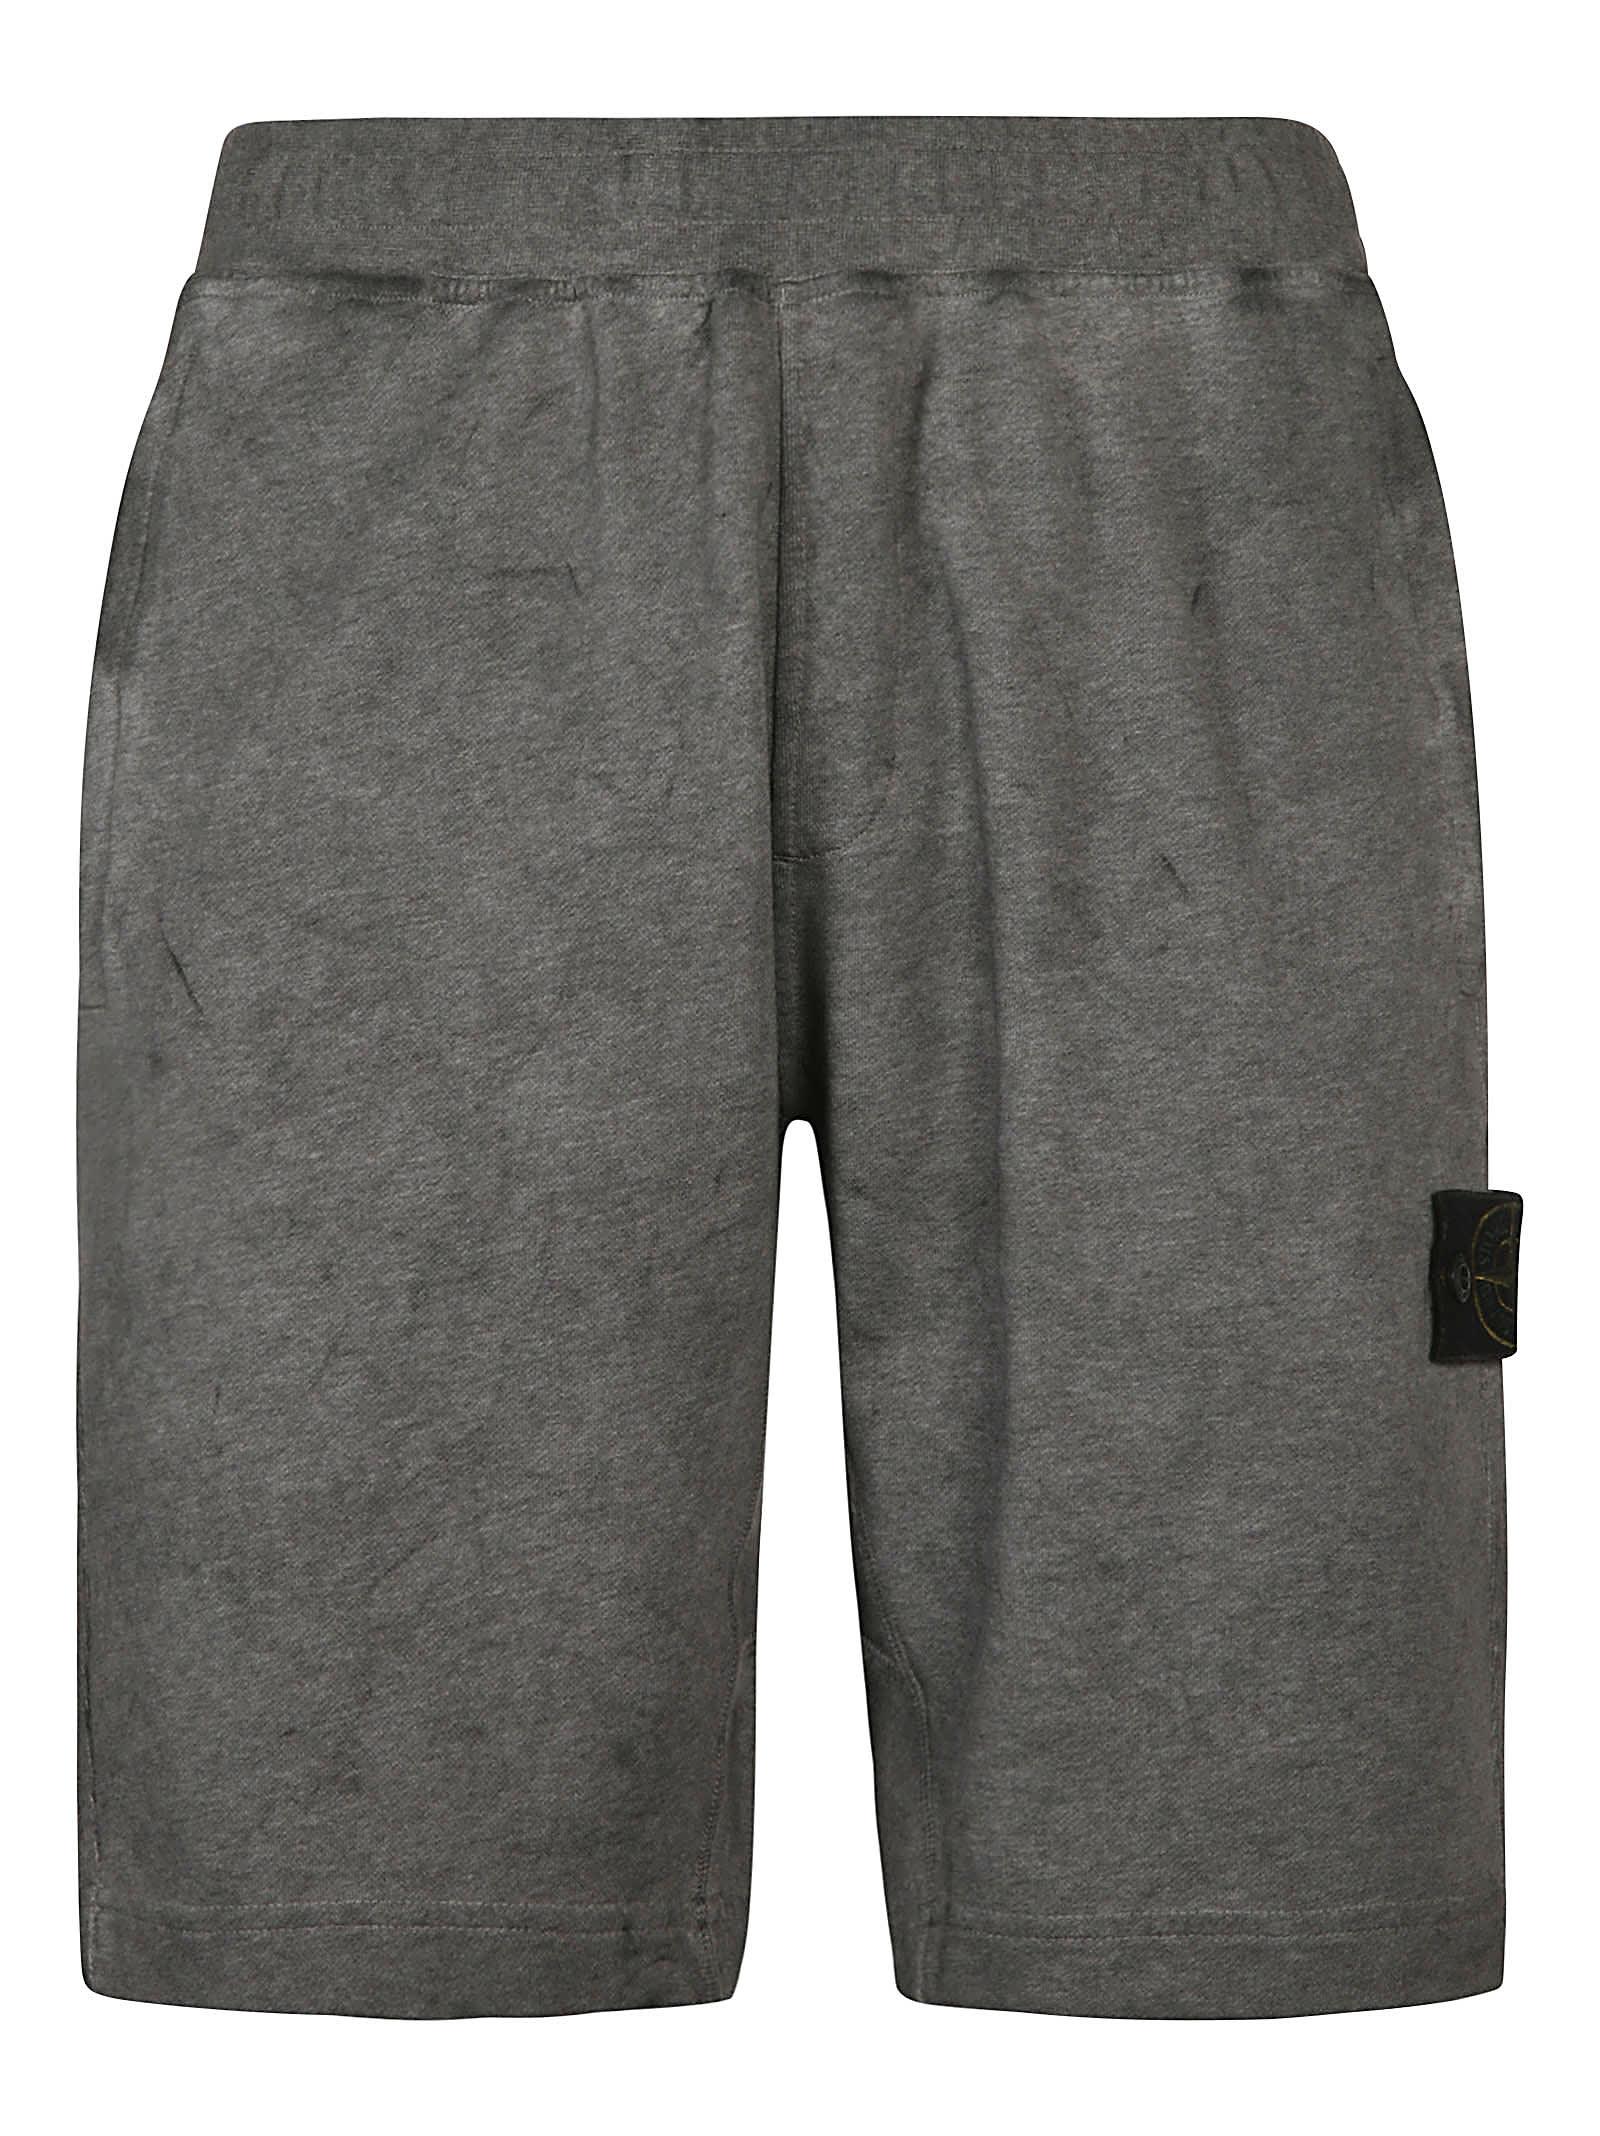 Stone Island Shorts SIDE LOGO SHORTS